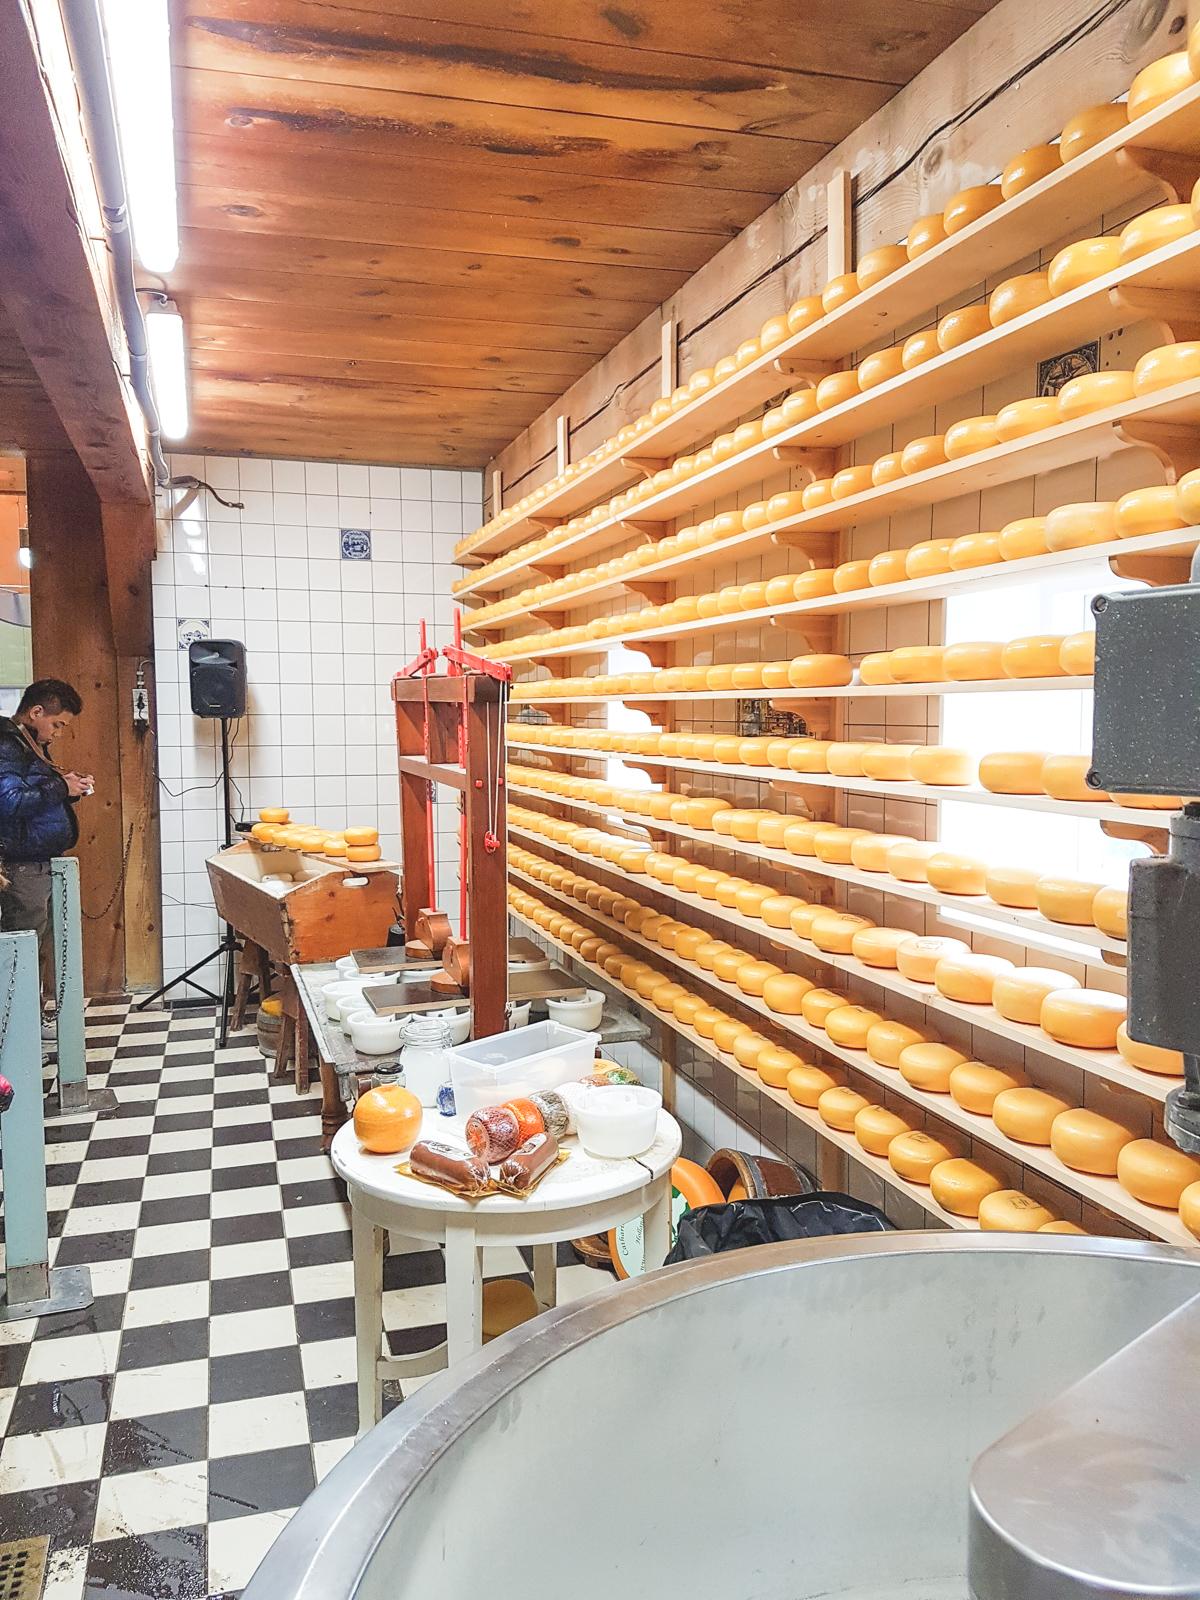 Cheese Factory at Zaanse Schans, Holland, The Netherlands